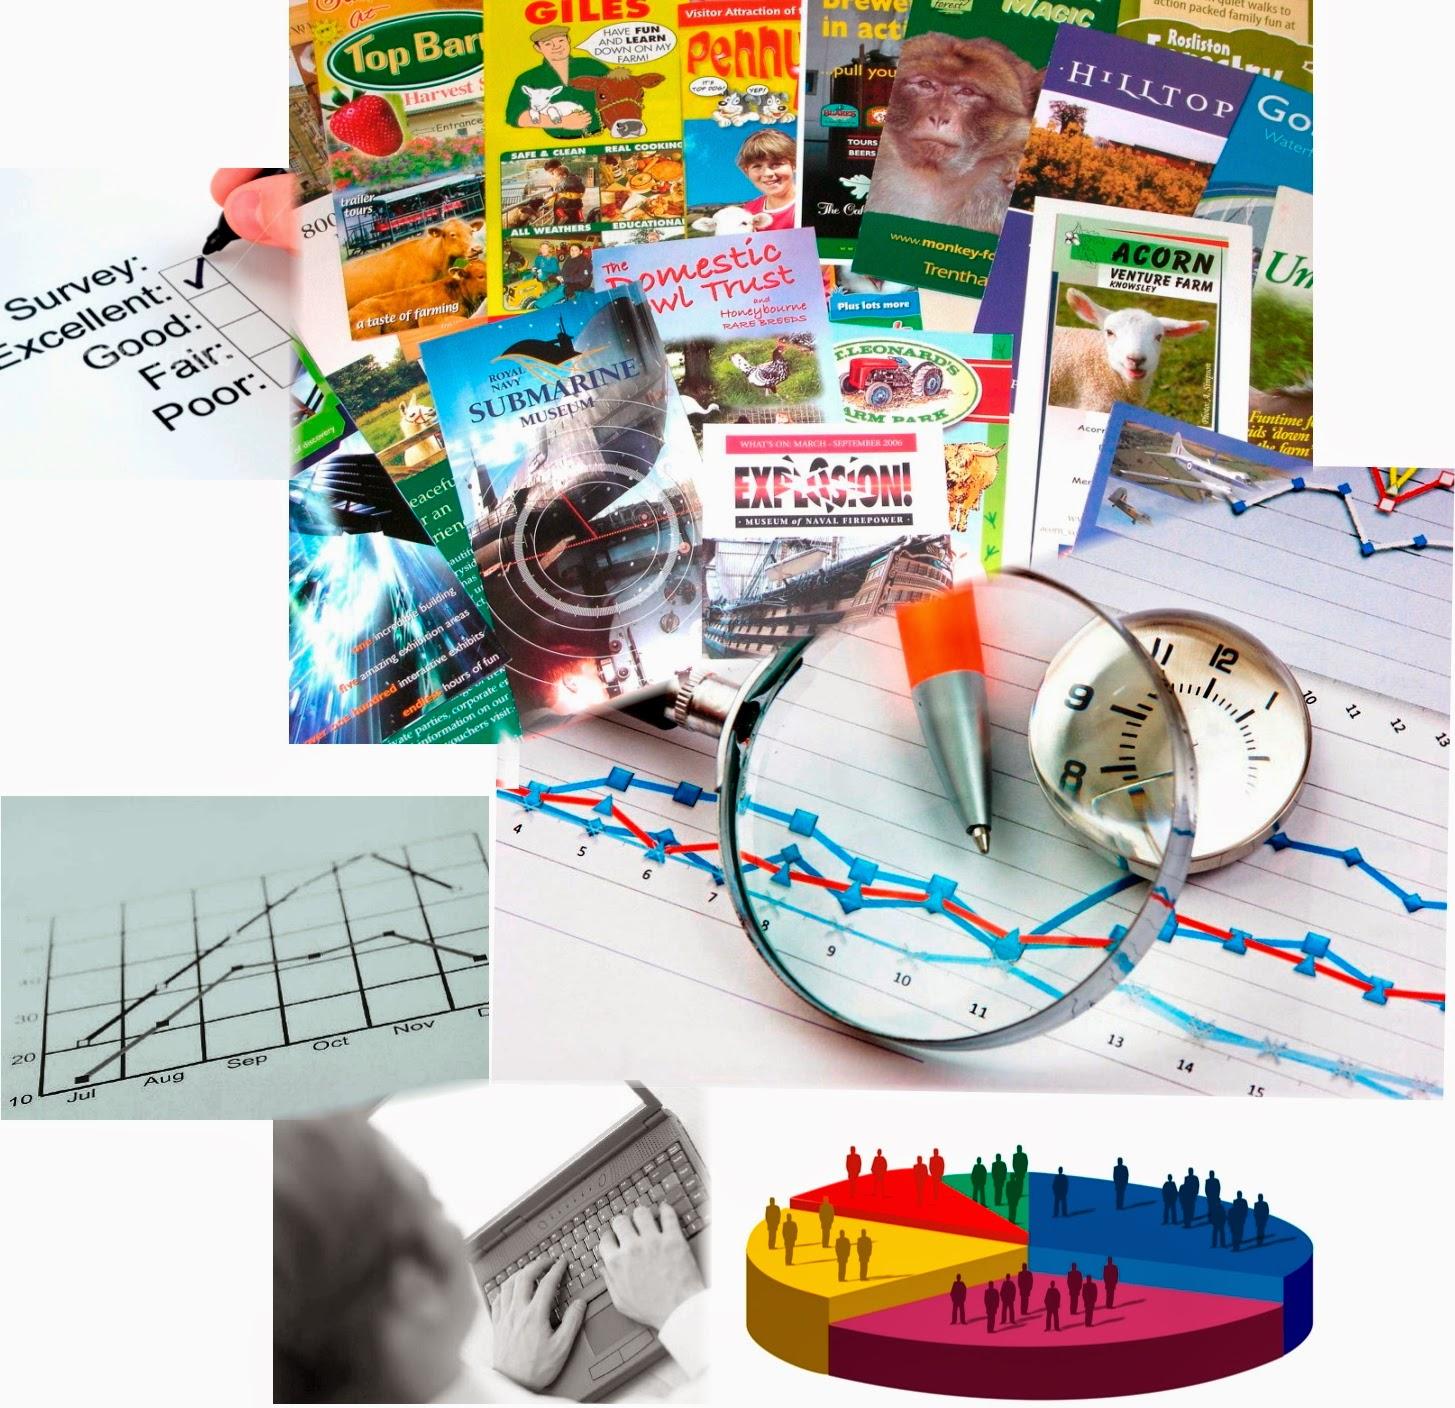 marketing plan for vistor attractions